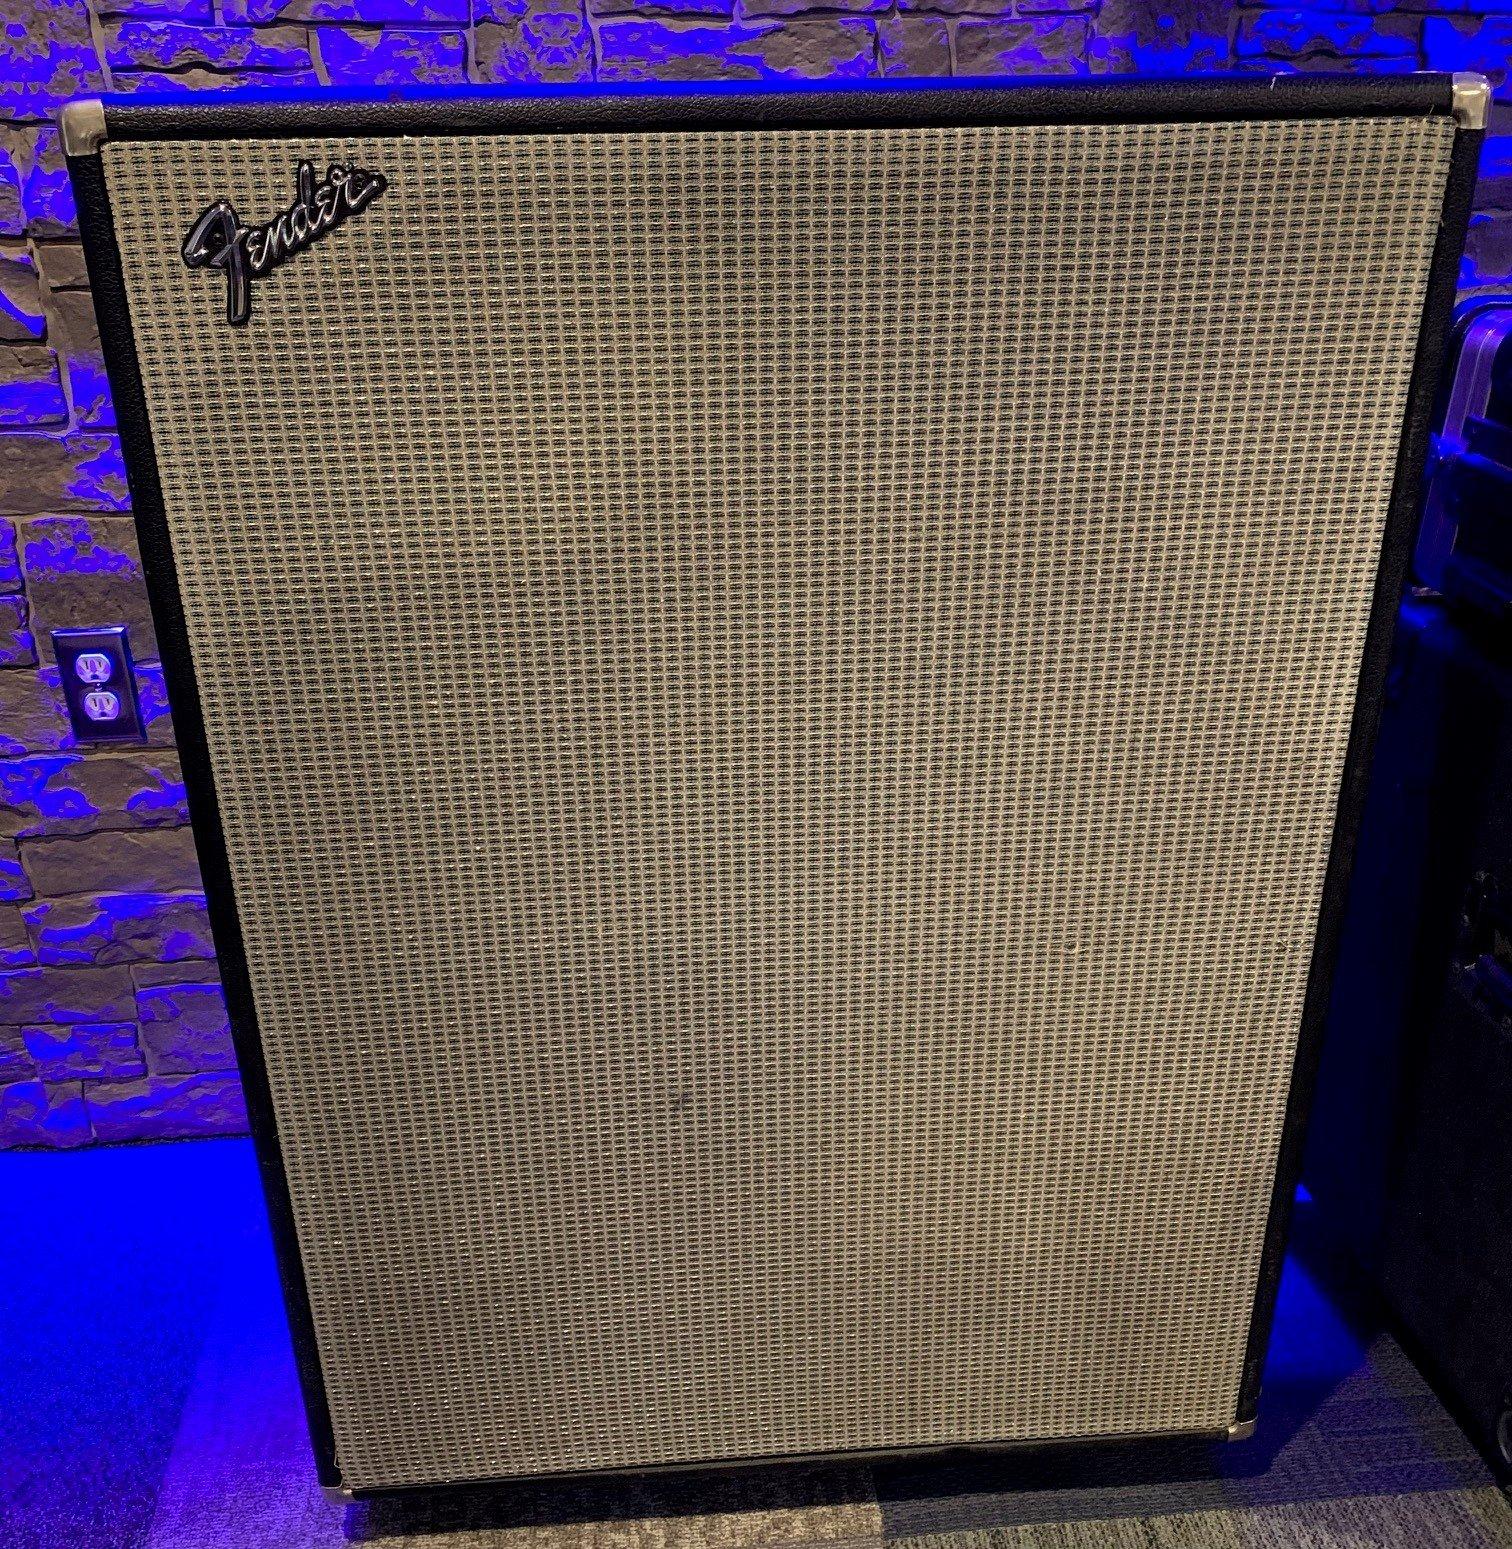 Fender Bassman 100 4x12 Silverface Bass Cabinet